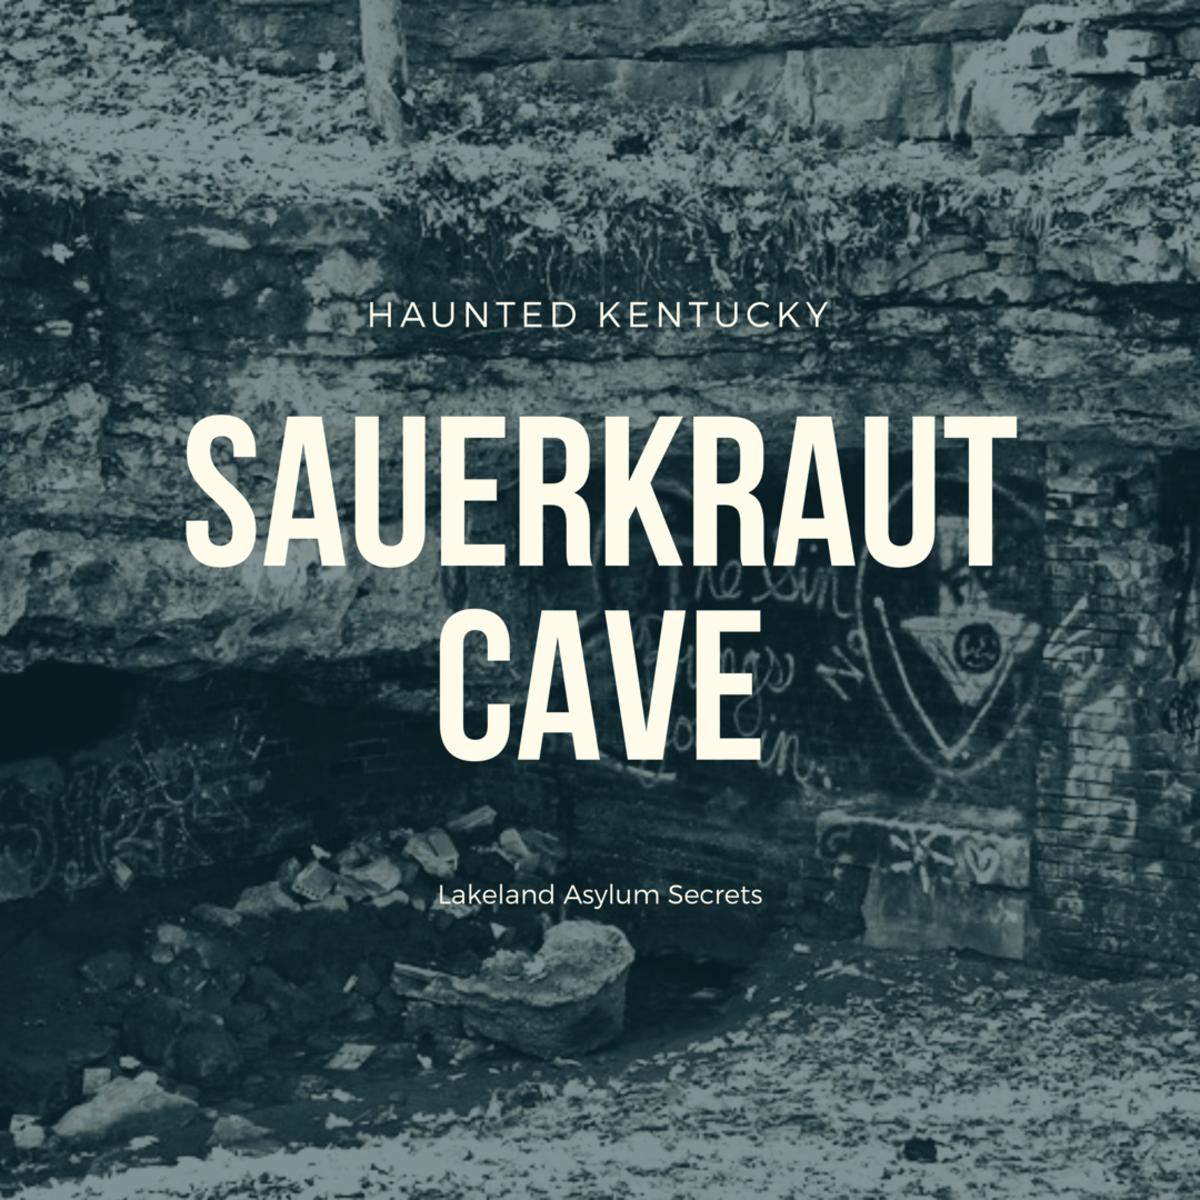 Sauerkraut Cave Kentucky